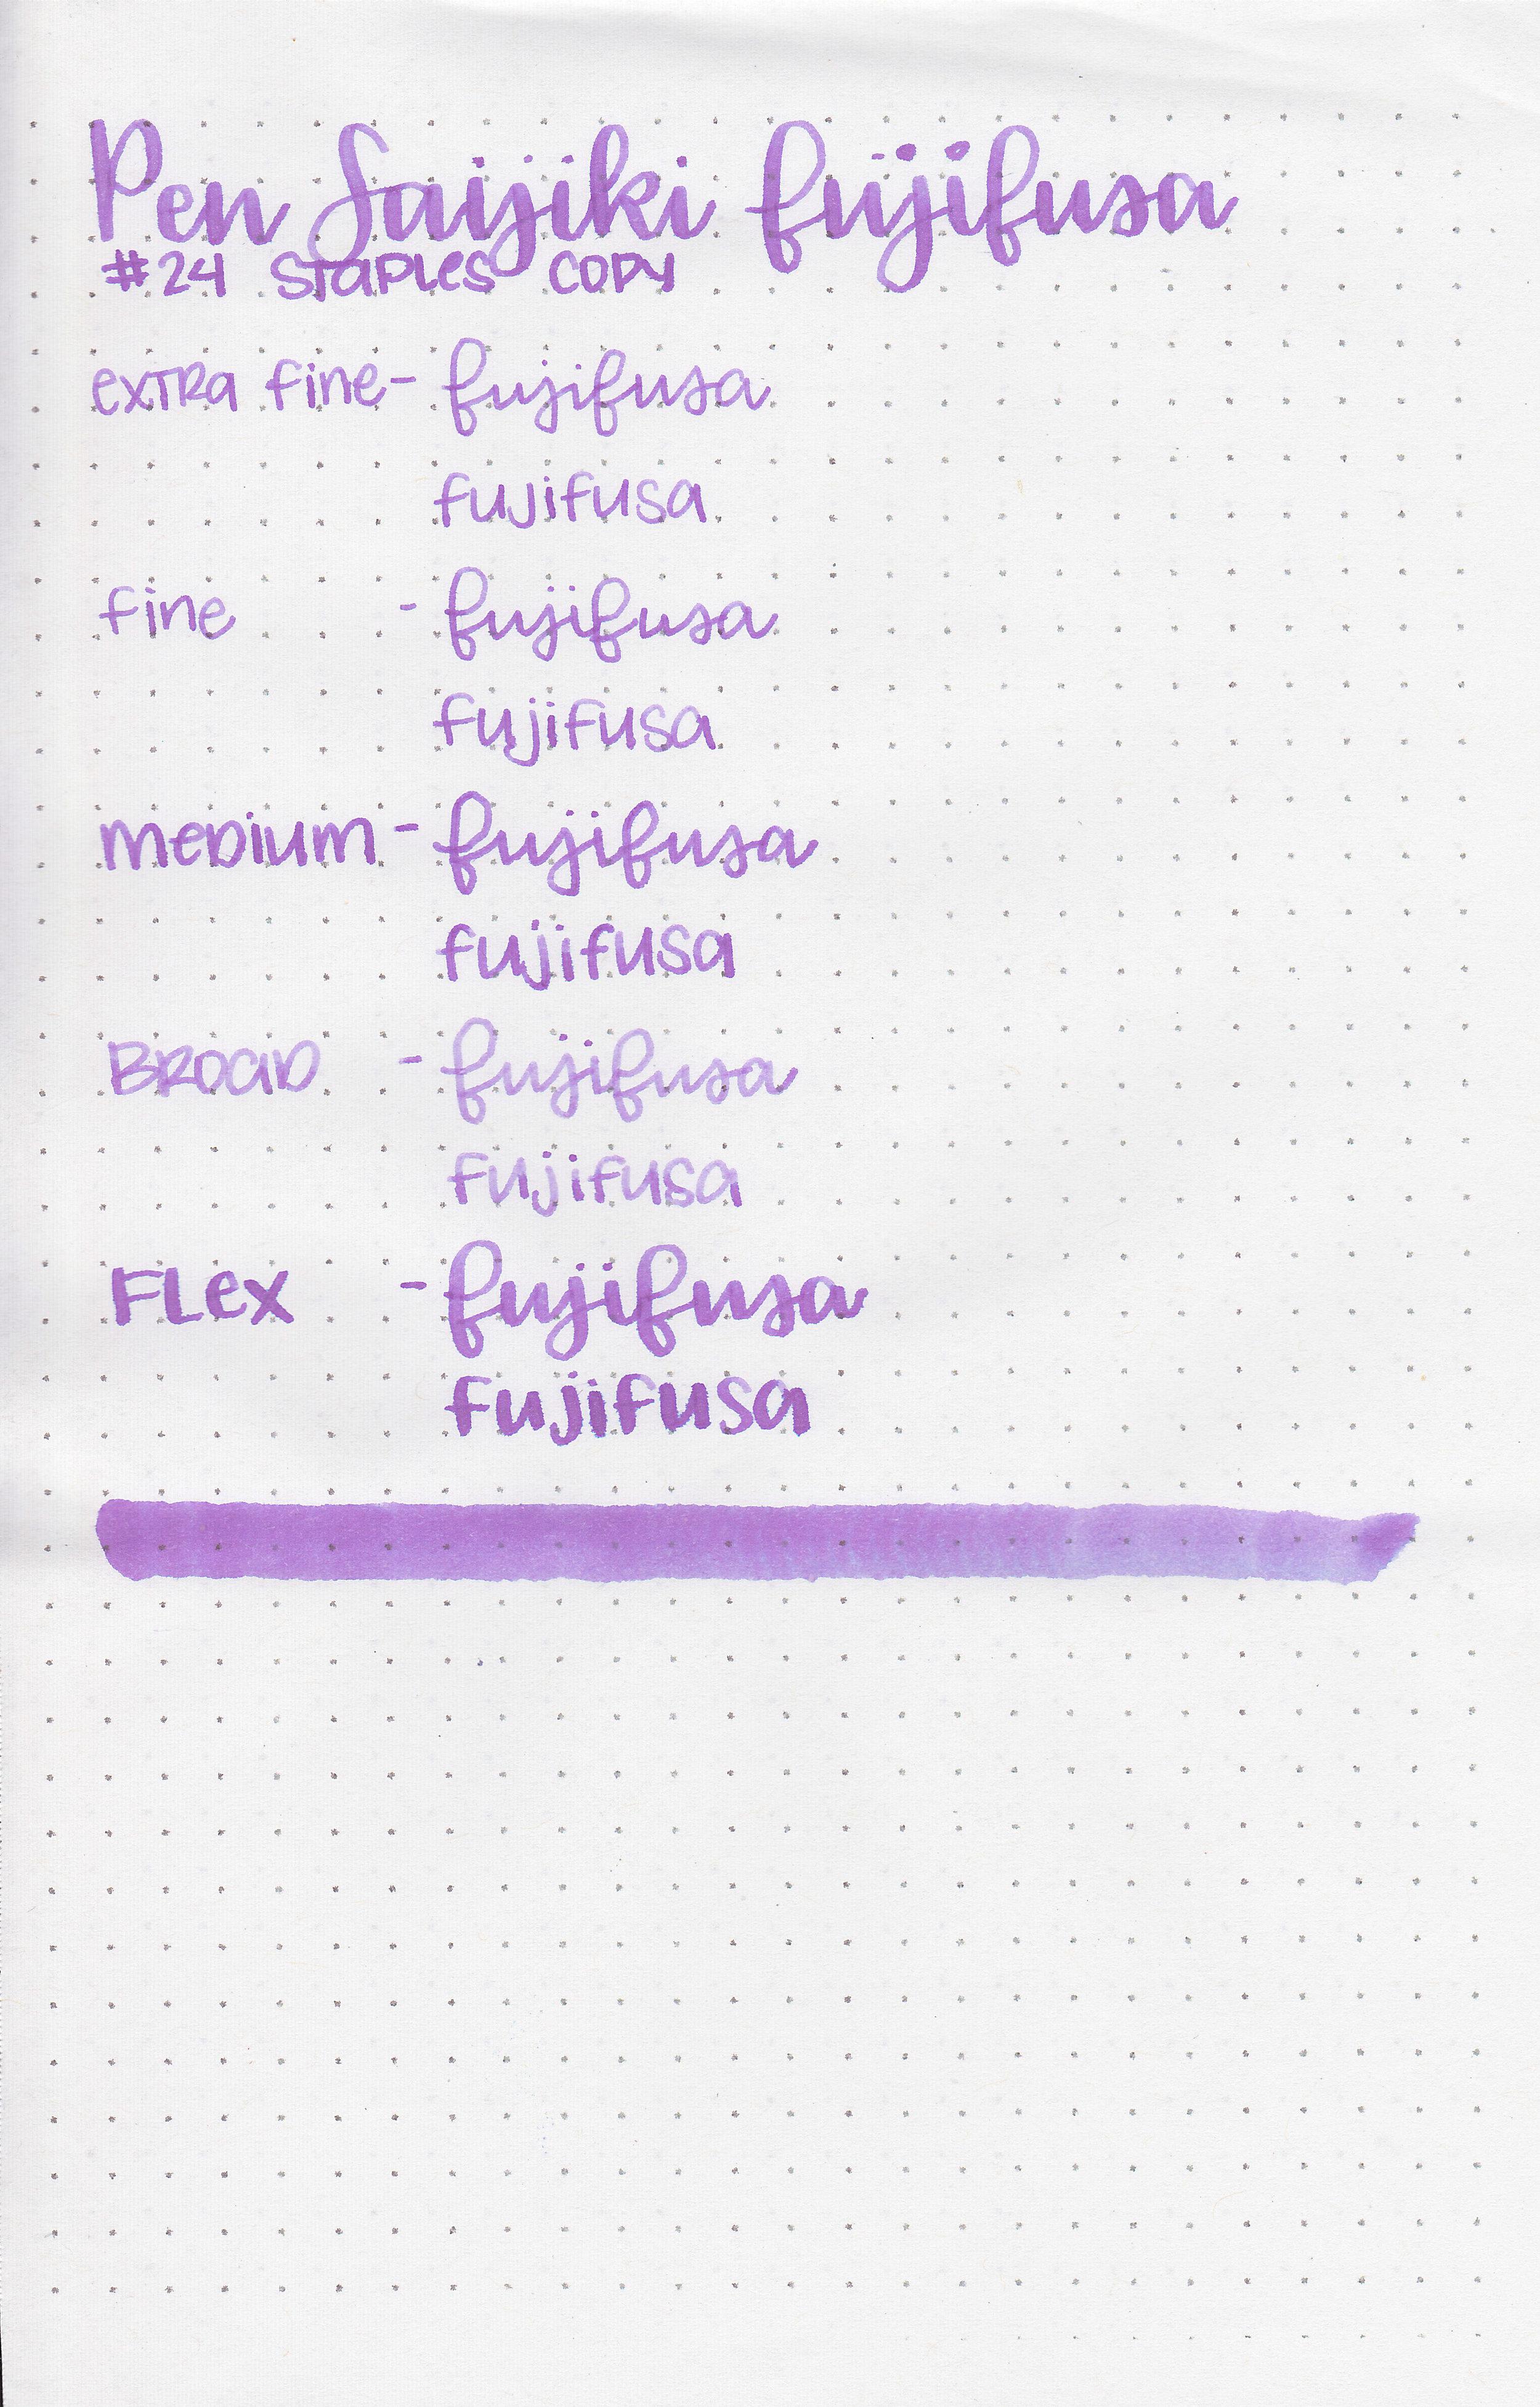 ps-fujifusa-11.jpg